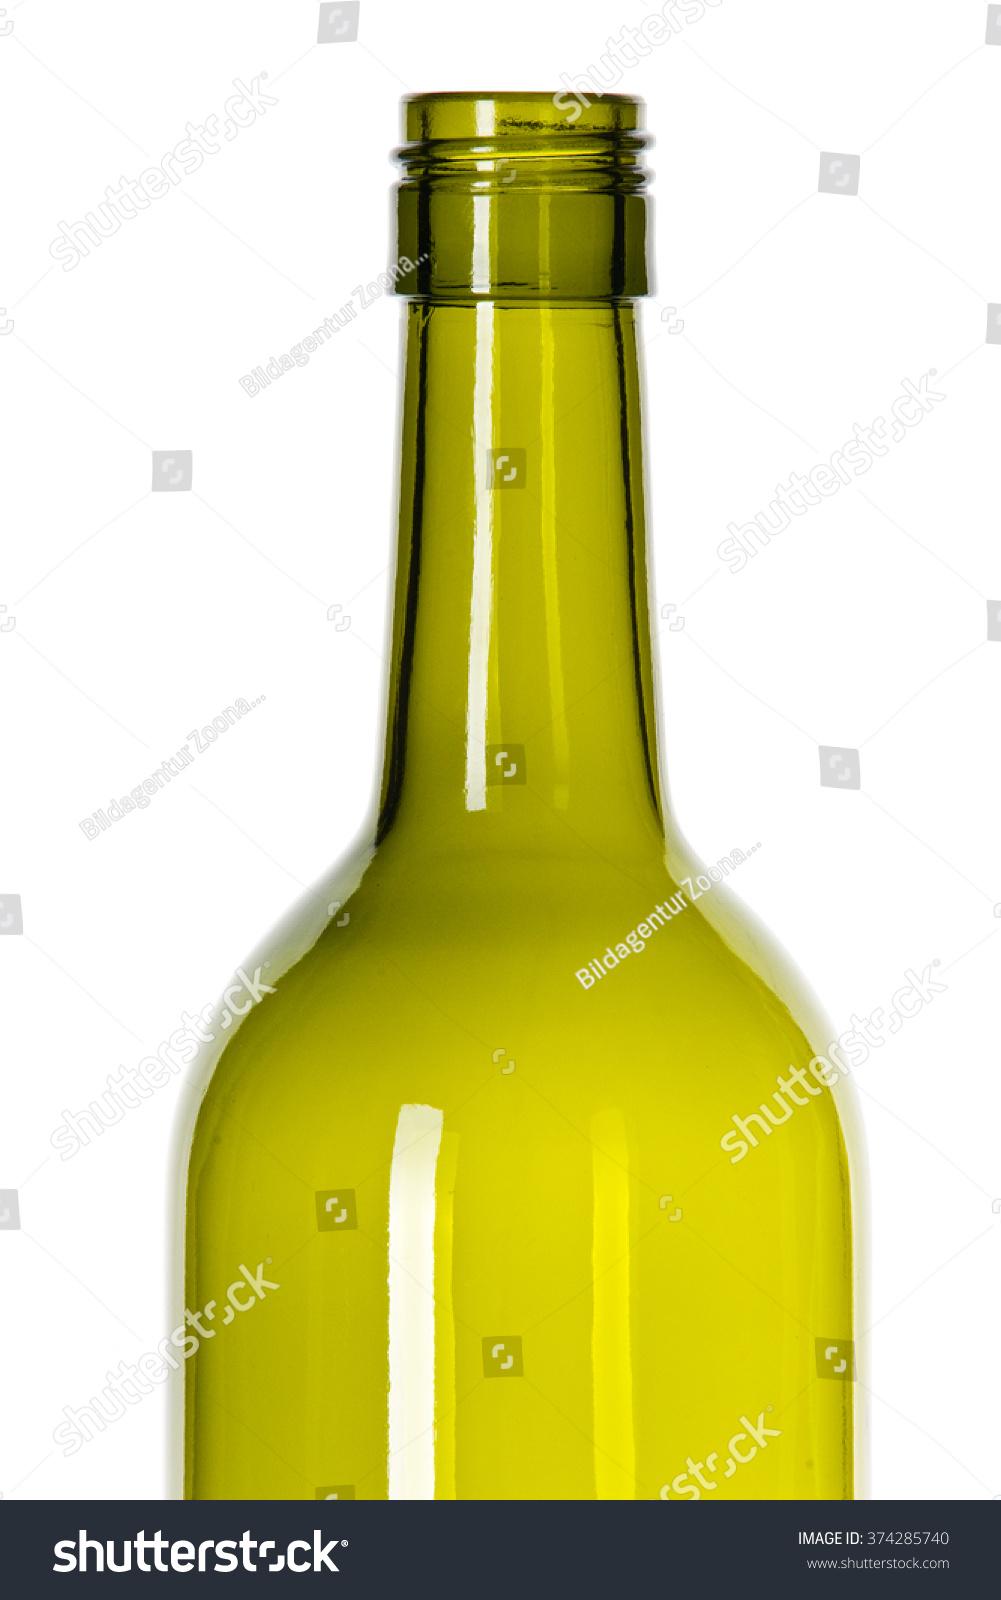 Green wine bottle stock photo 374285740 shutterstock for Green wine bottles